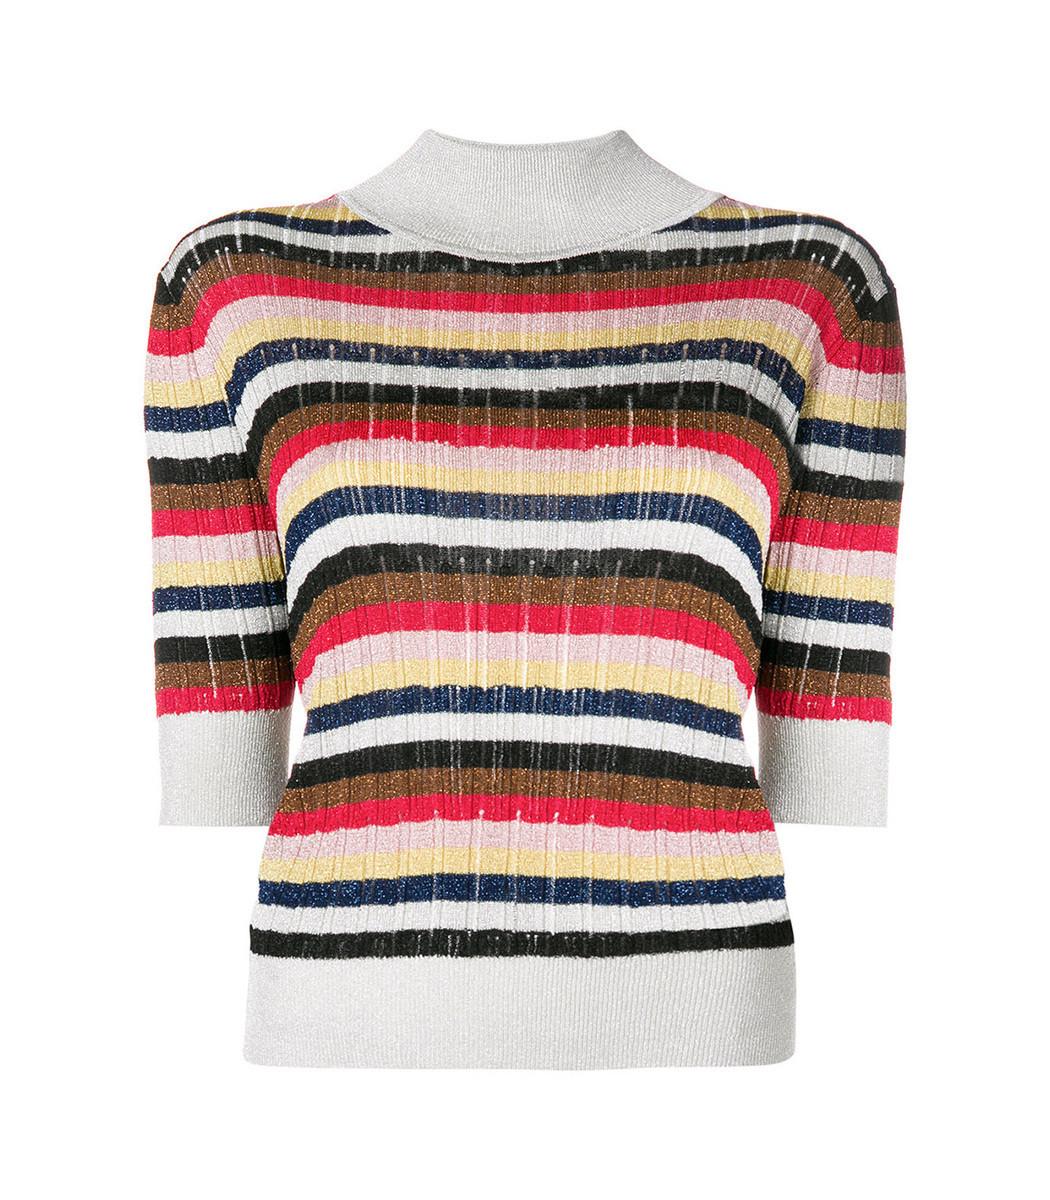 SONIA RYKIEL Multicolor Striped Knit Top